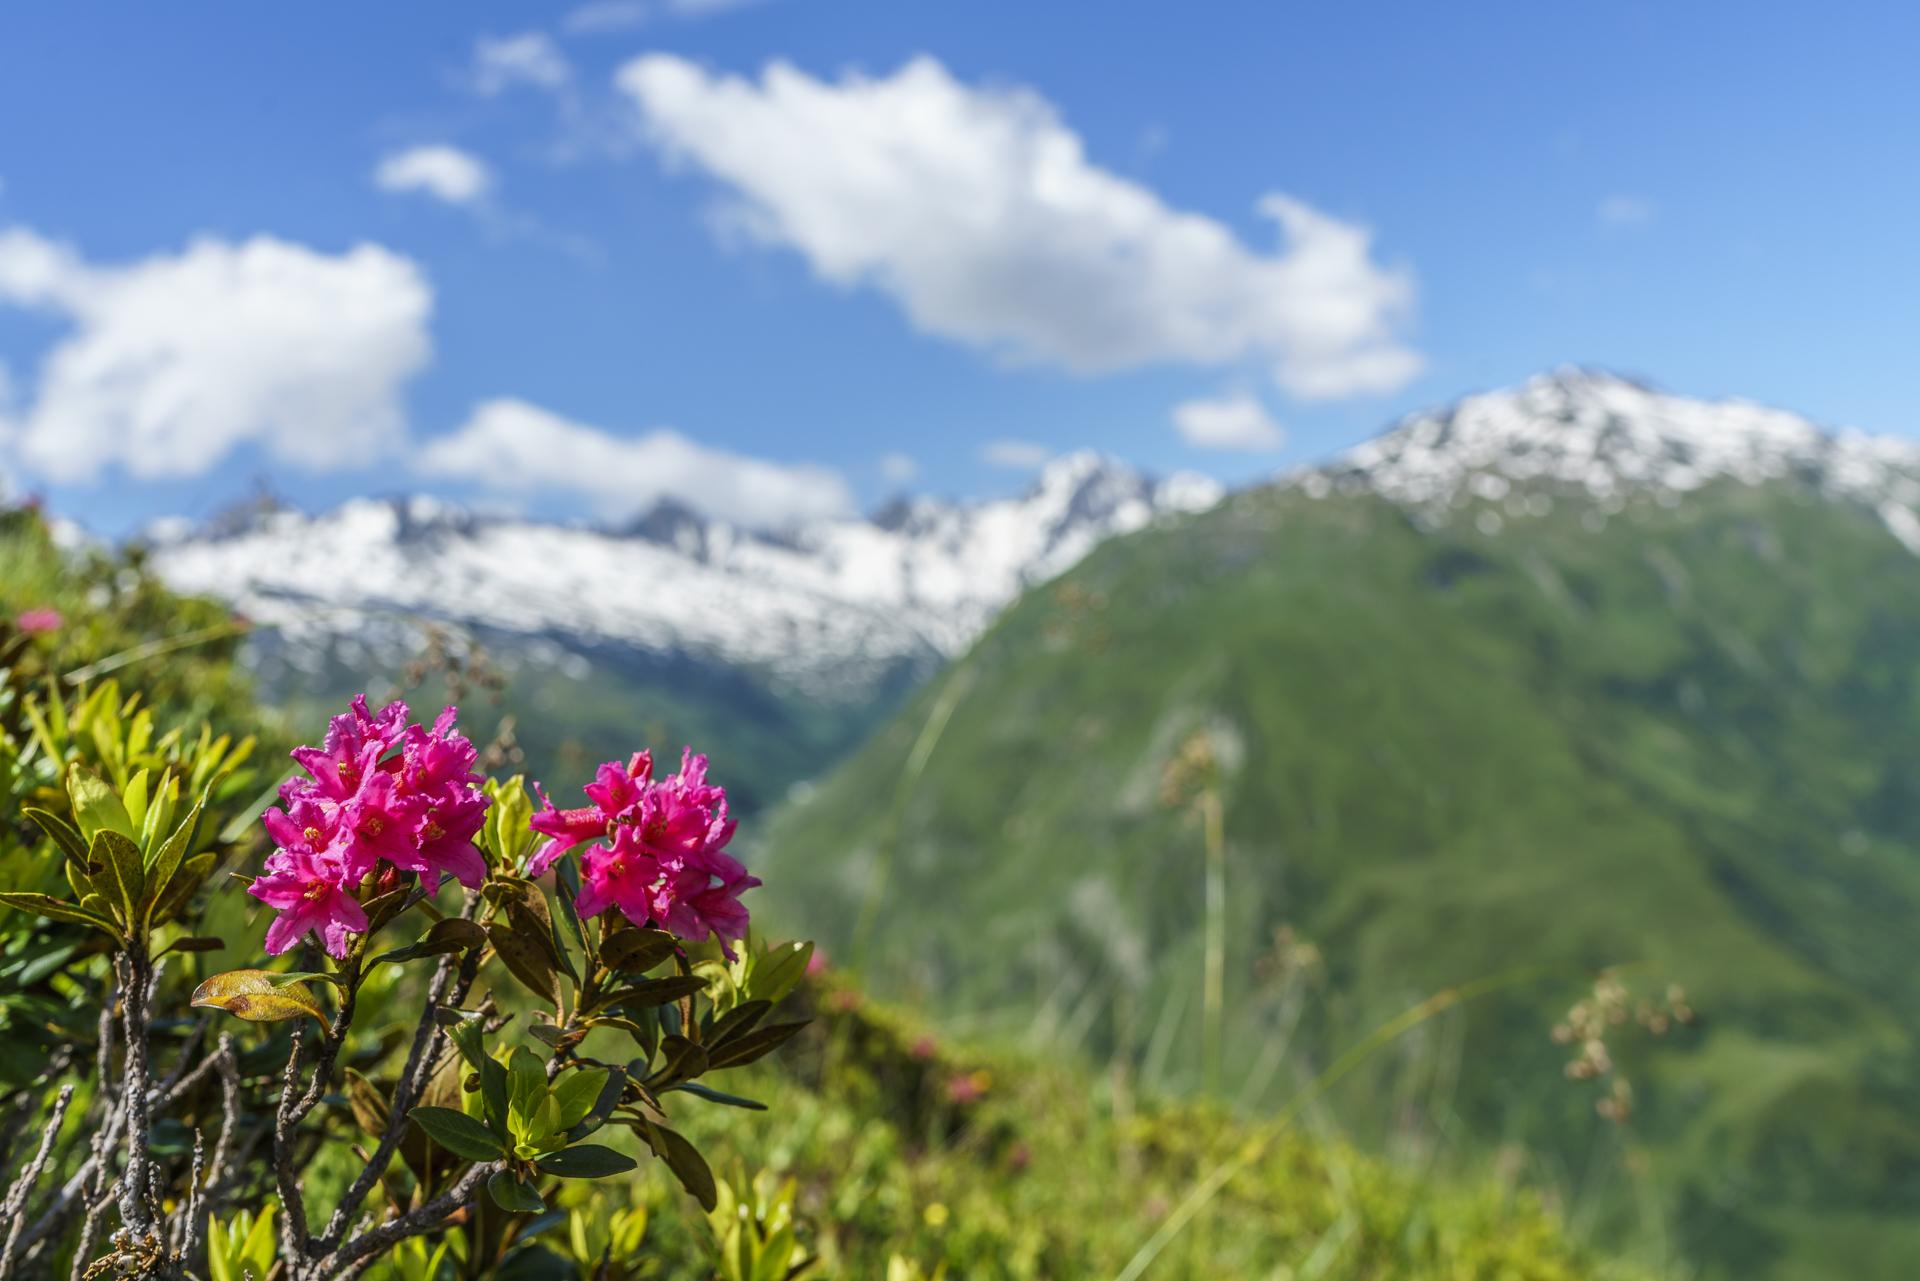 Alpenrosen-Gotthard